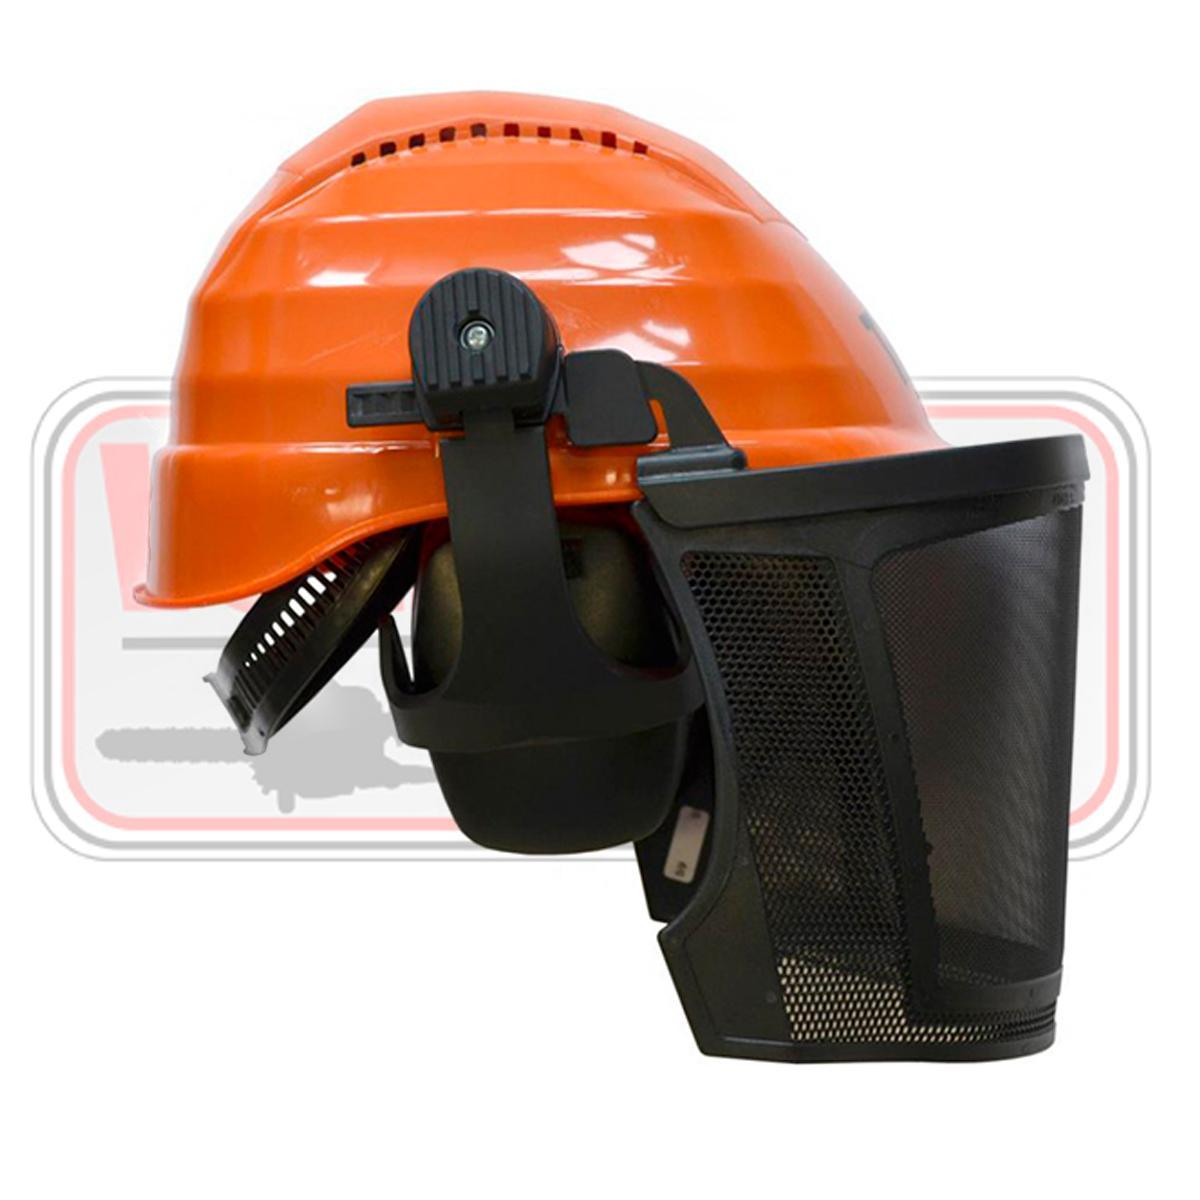 Casco TRBL Safety profesional desbrozadora motosierra forestal auriculares